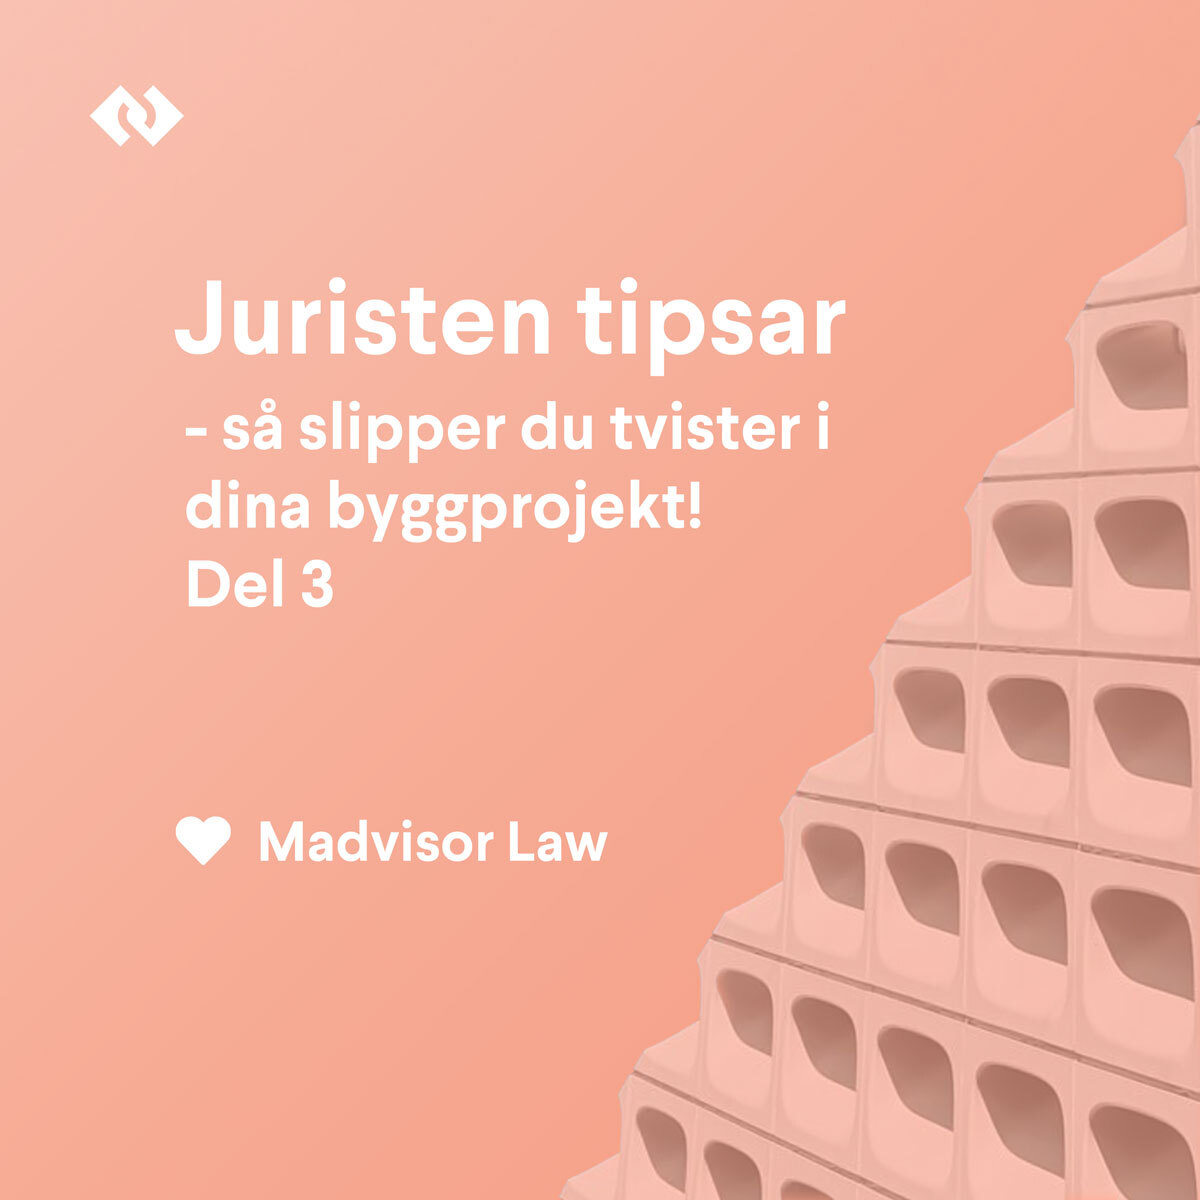 Juristen tipsar - så undviker du tvister i dina byggprojekt! Del 3